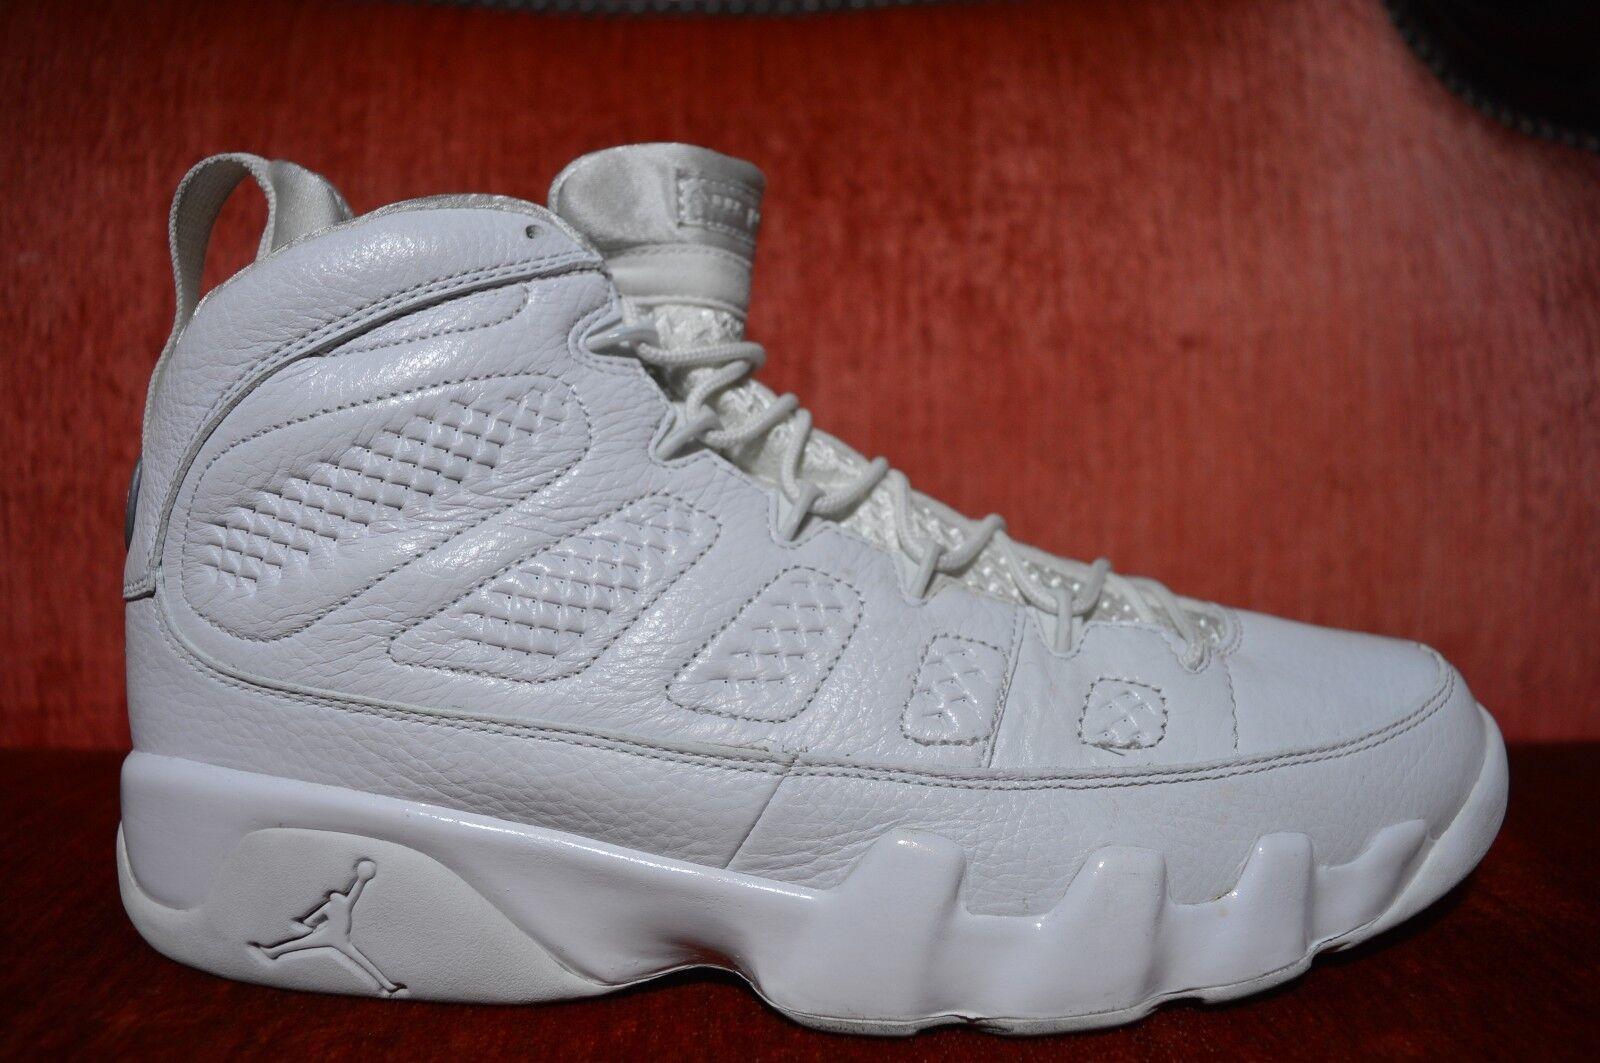 49559ea02153ef CLEAN Nike Air Air Air Jordan Retro 9 IX Anniversary Size 11.5 302370-104  White